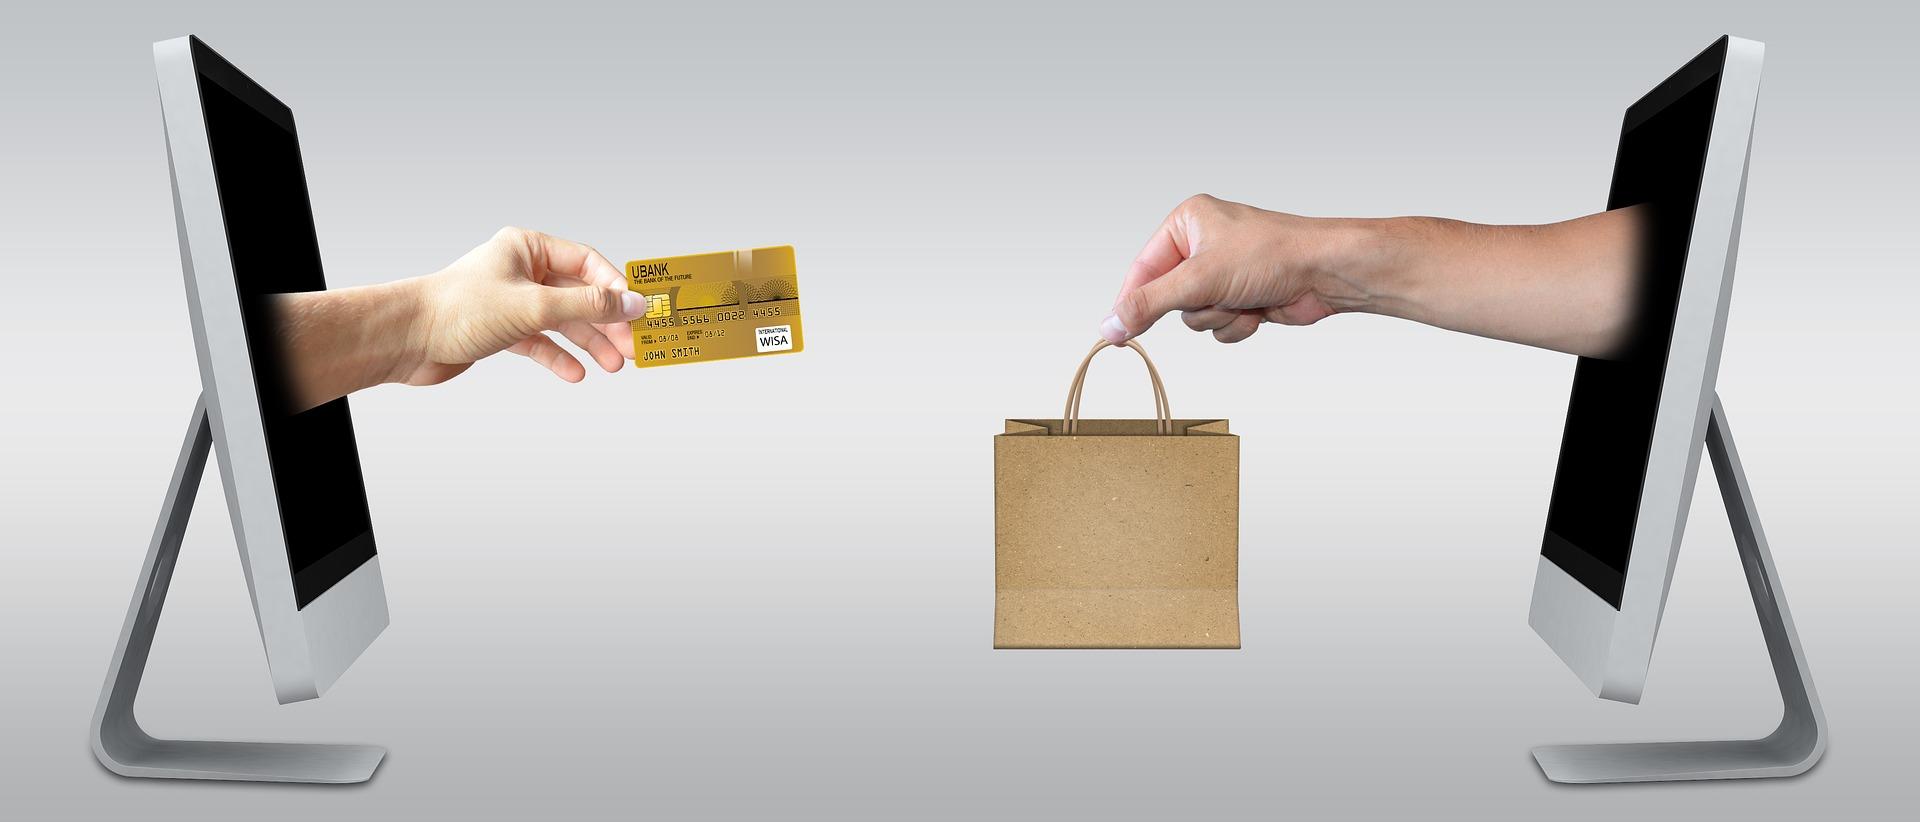 Le parrainage client pour les e-commerces